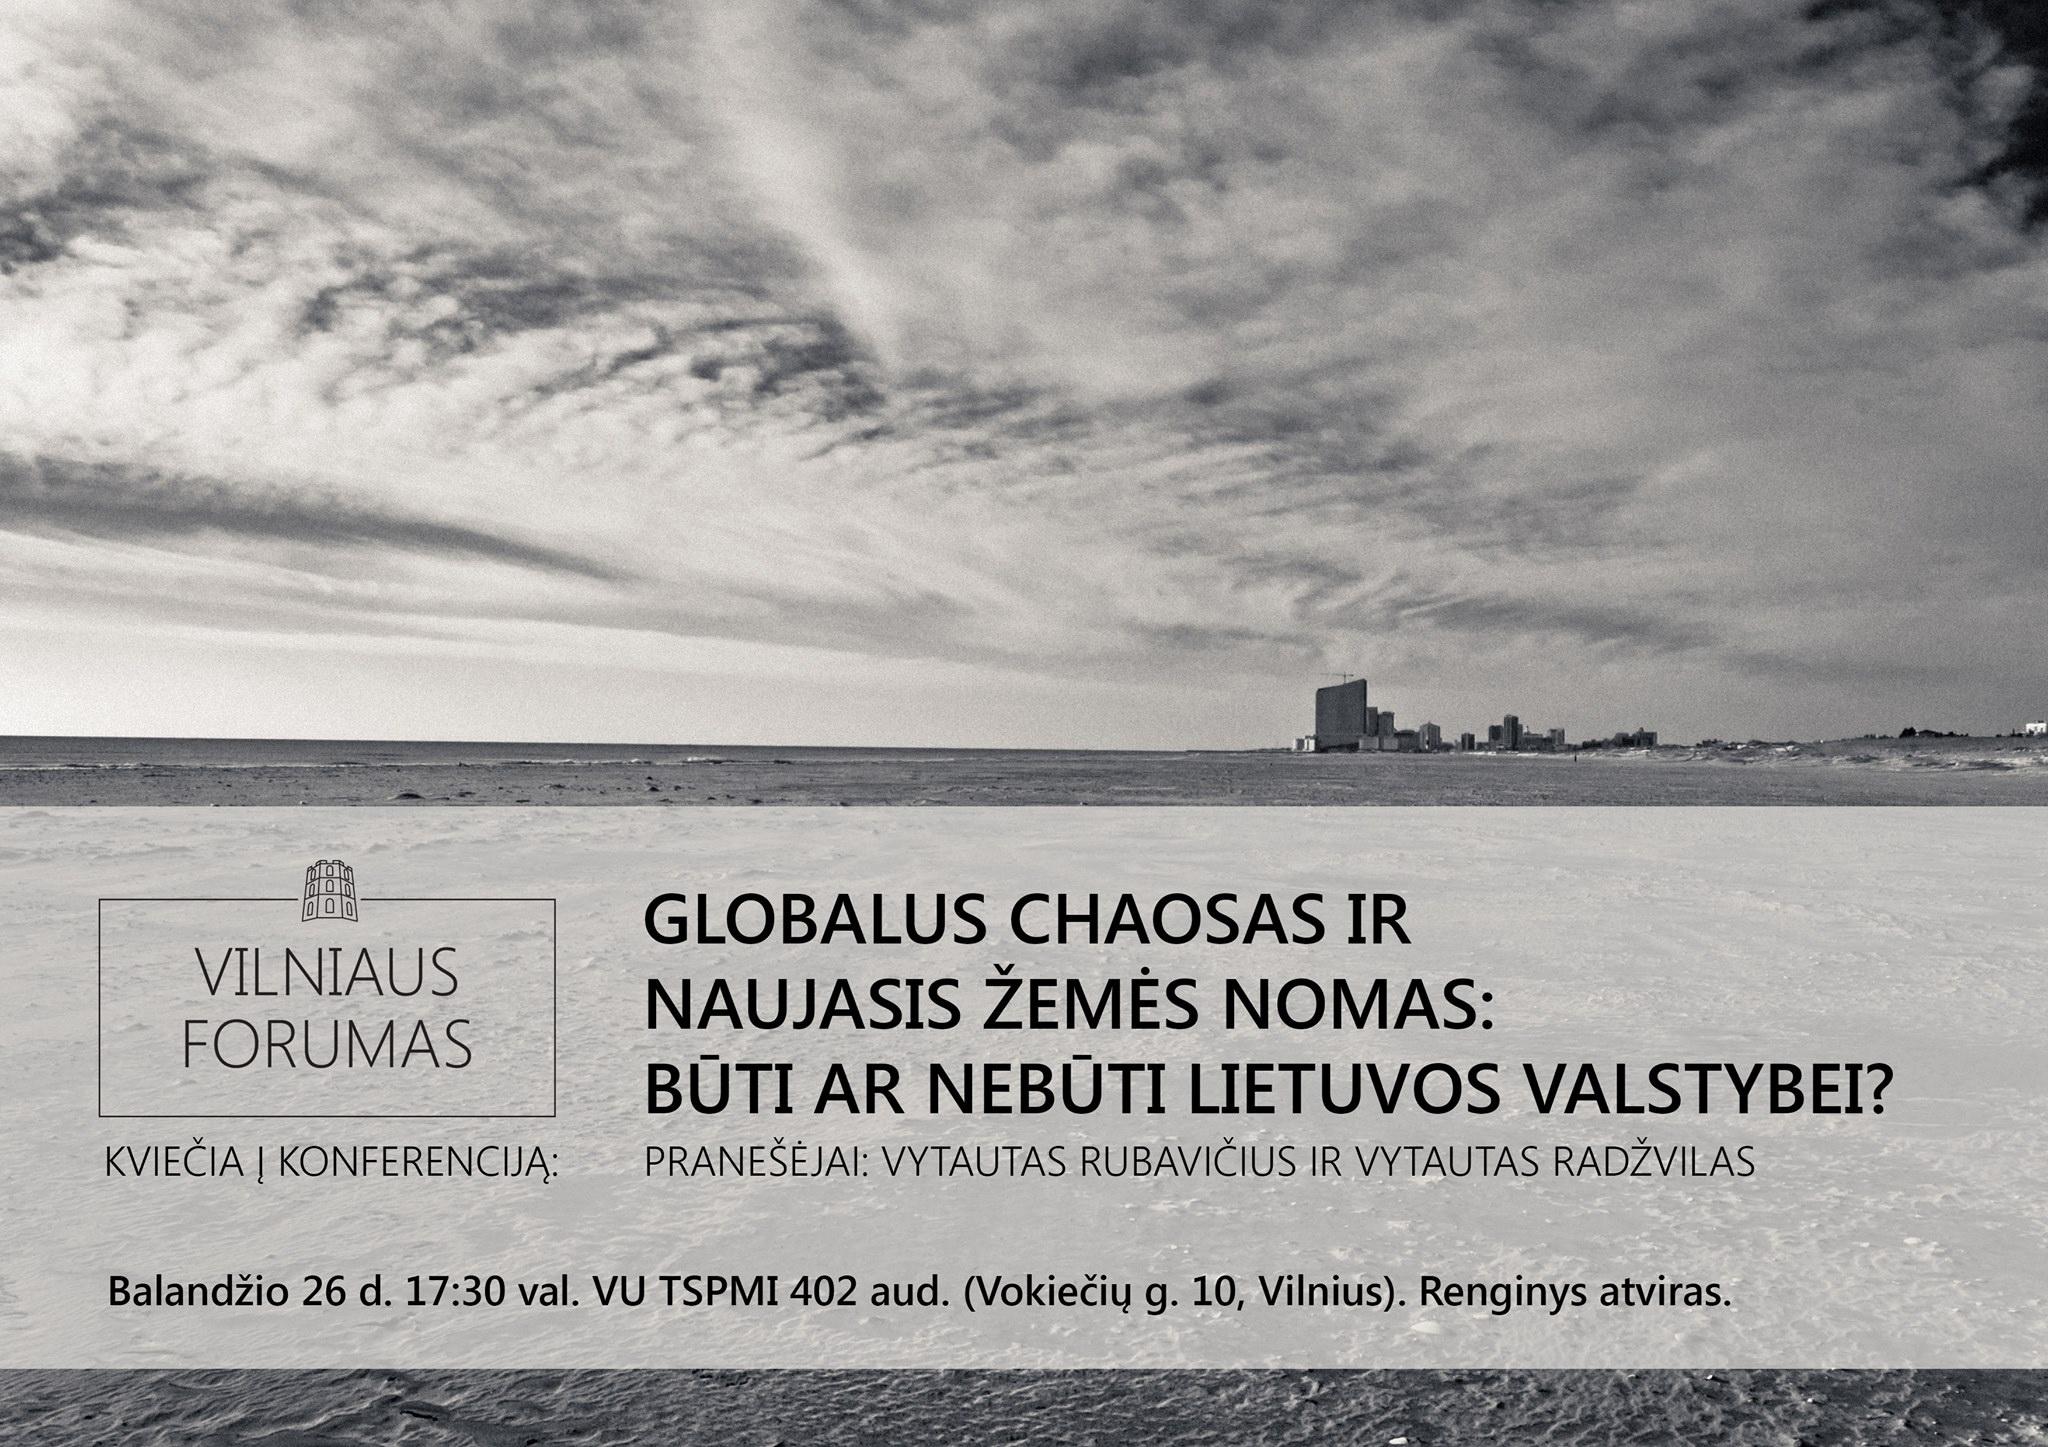 Vilniaus forumo konferencija